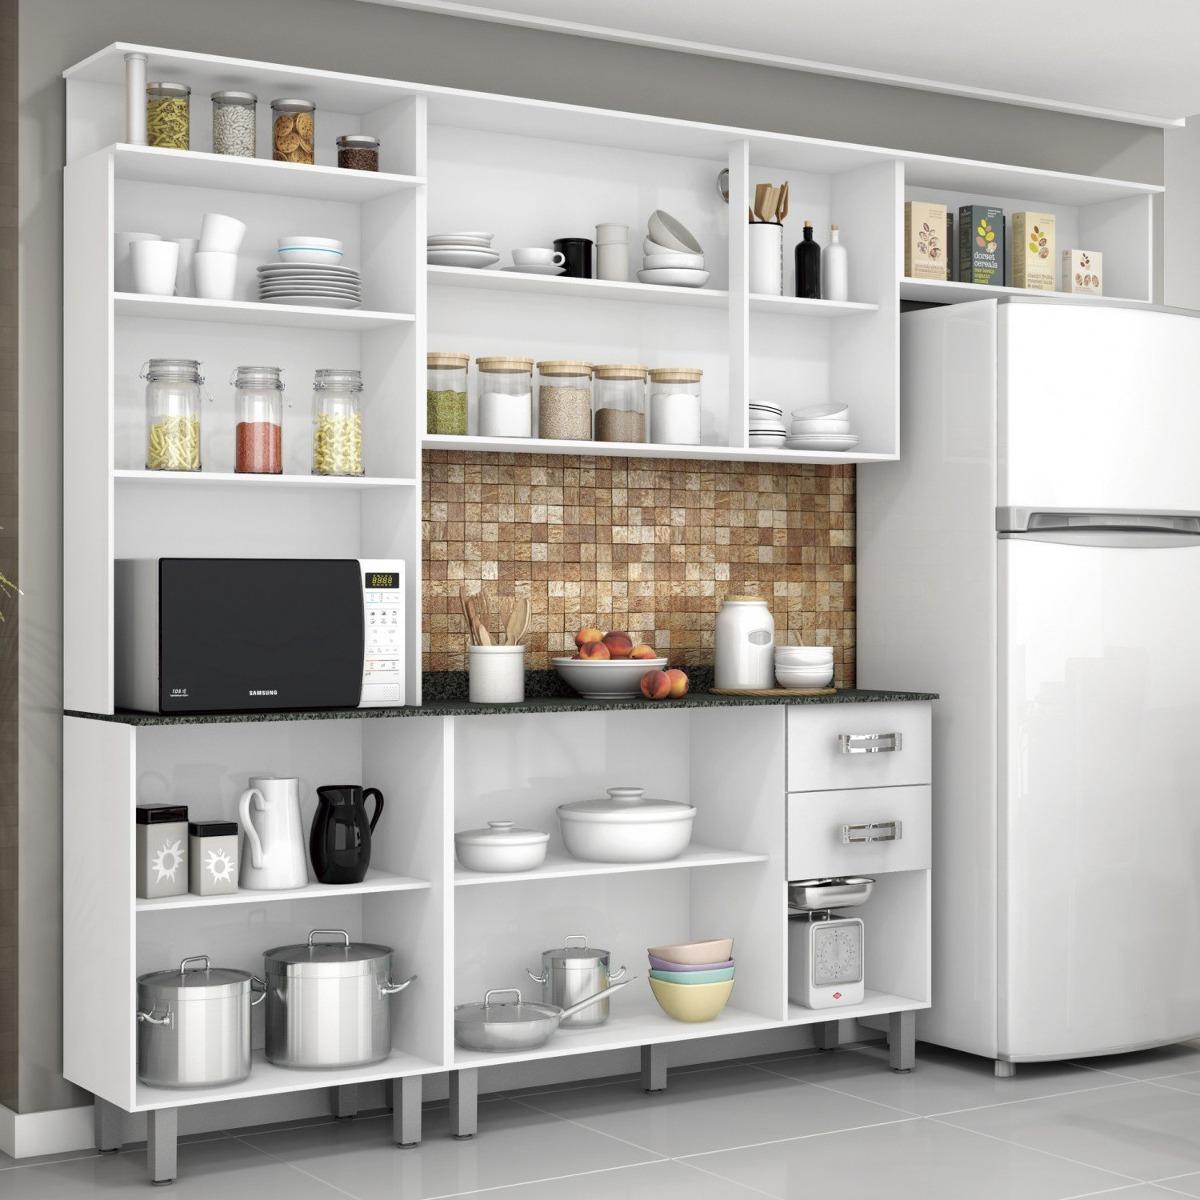 Cozinha Compacta Com Balc O E Tampo 4 Pe As Su A Ffwt R 575 90